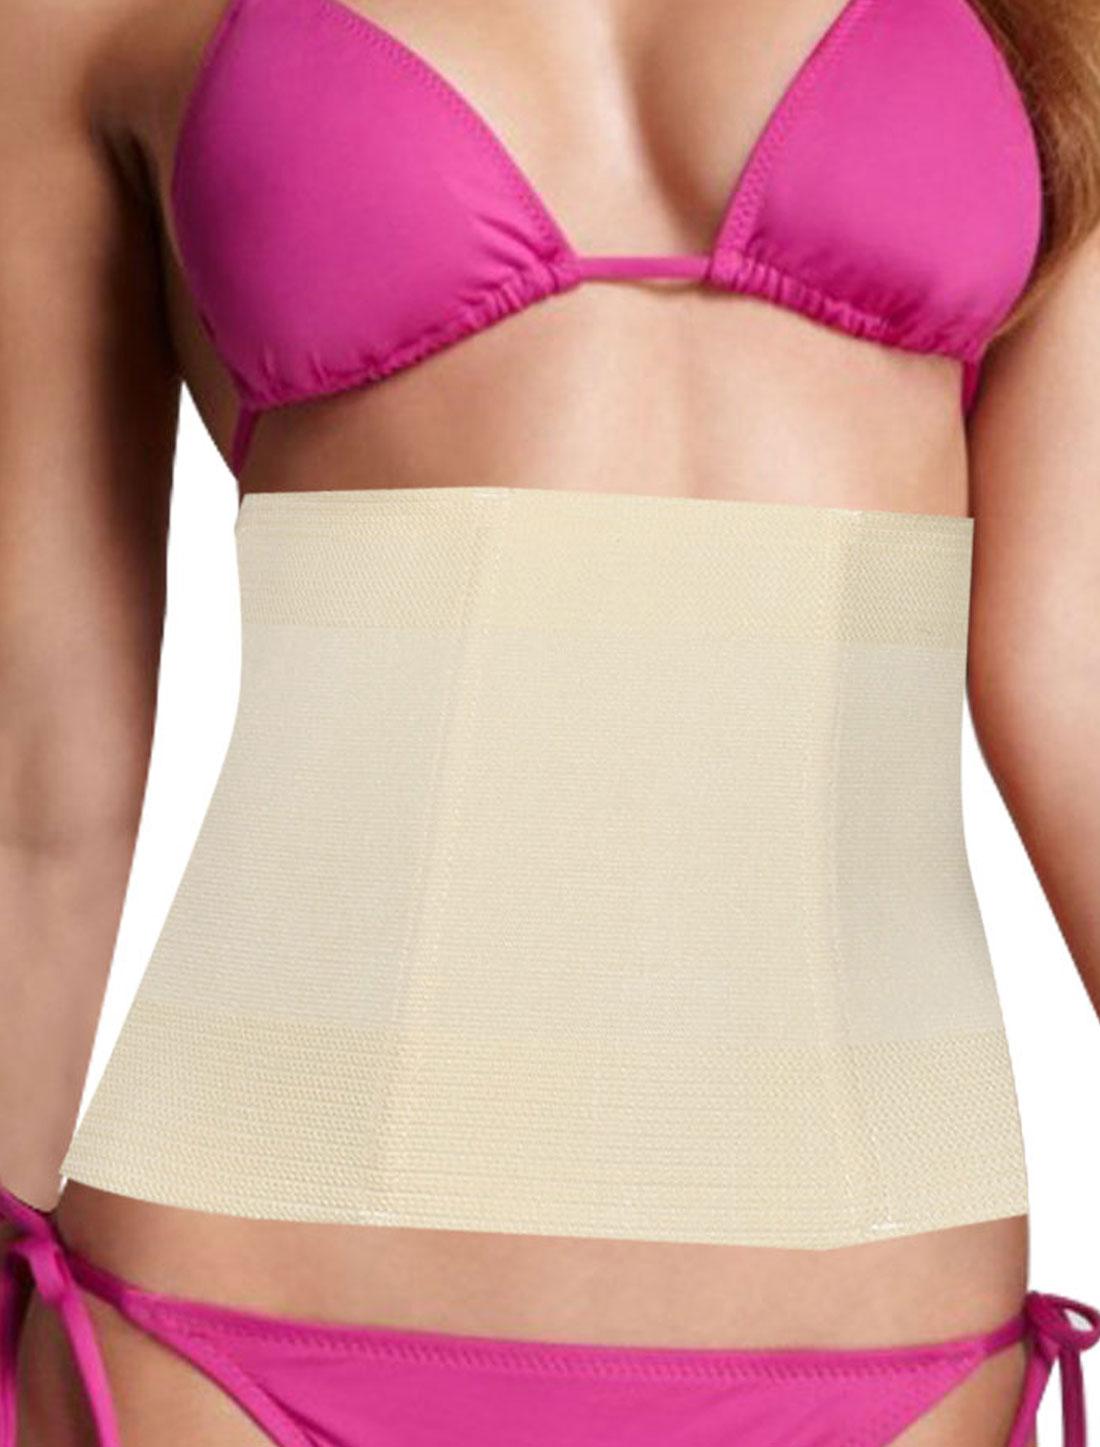 Women Stretch Adjustable Tummy Shaper Slimming Belt Waist Cincher Beige L